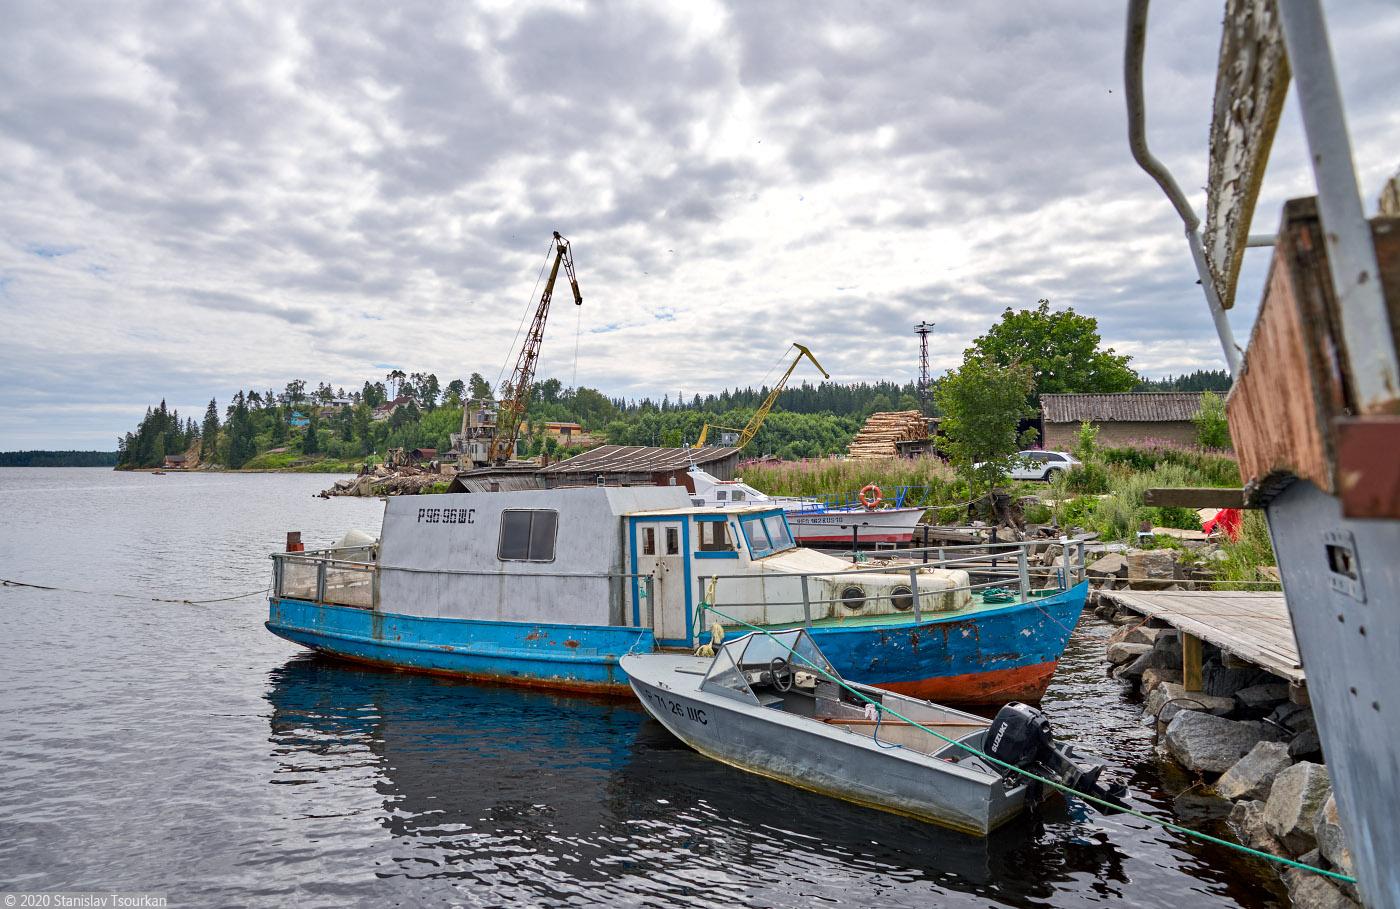 Лахденпохья, Карелия, республика Карелия, Ладожское озеро, причал